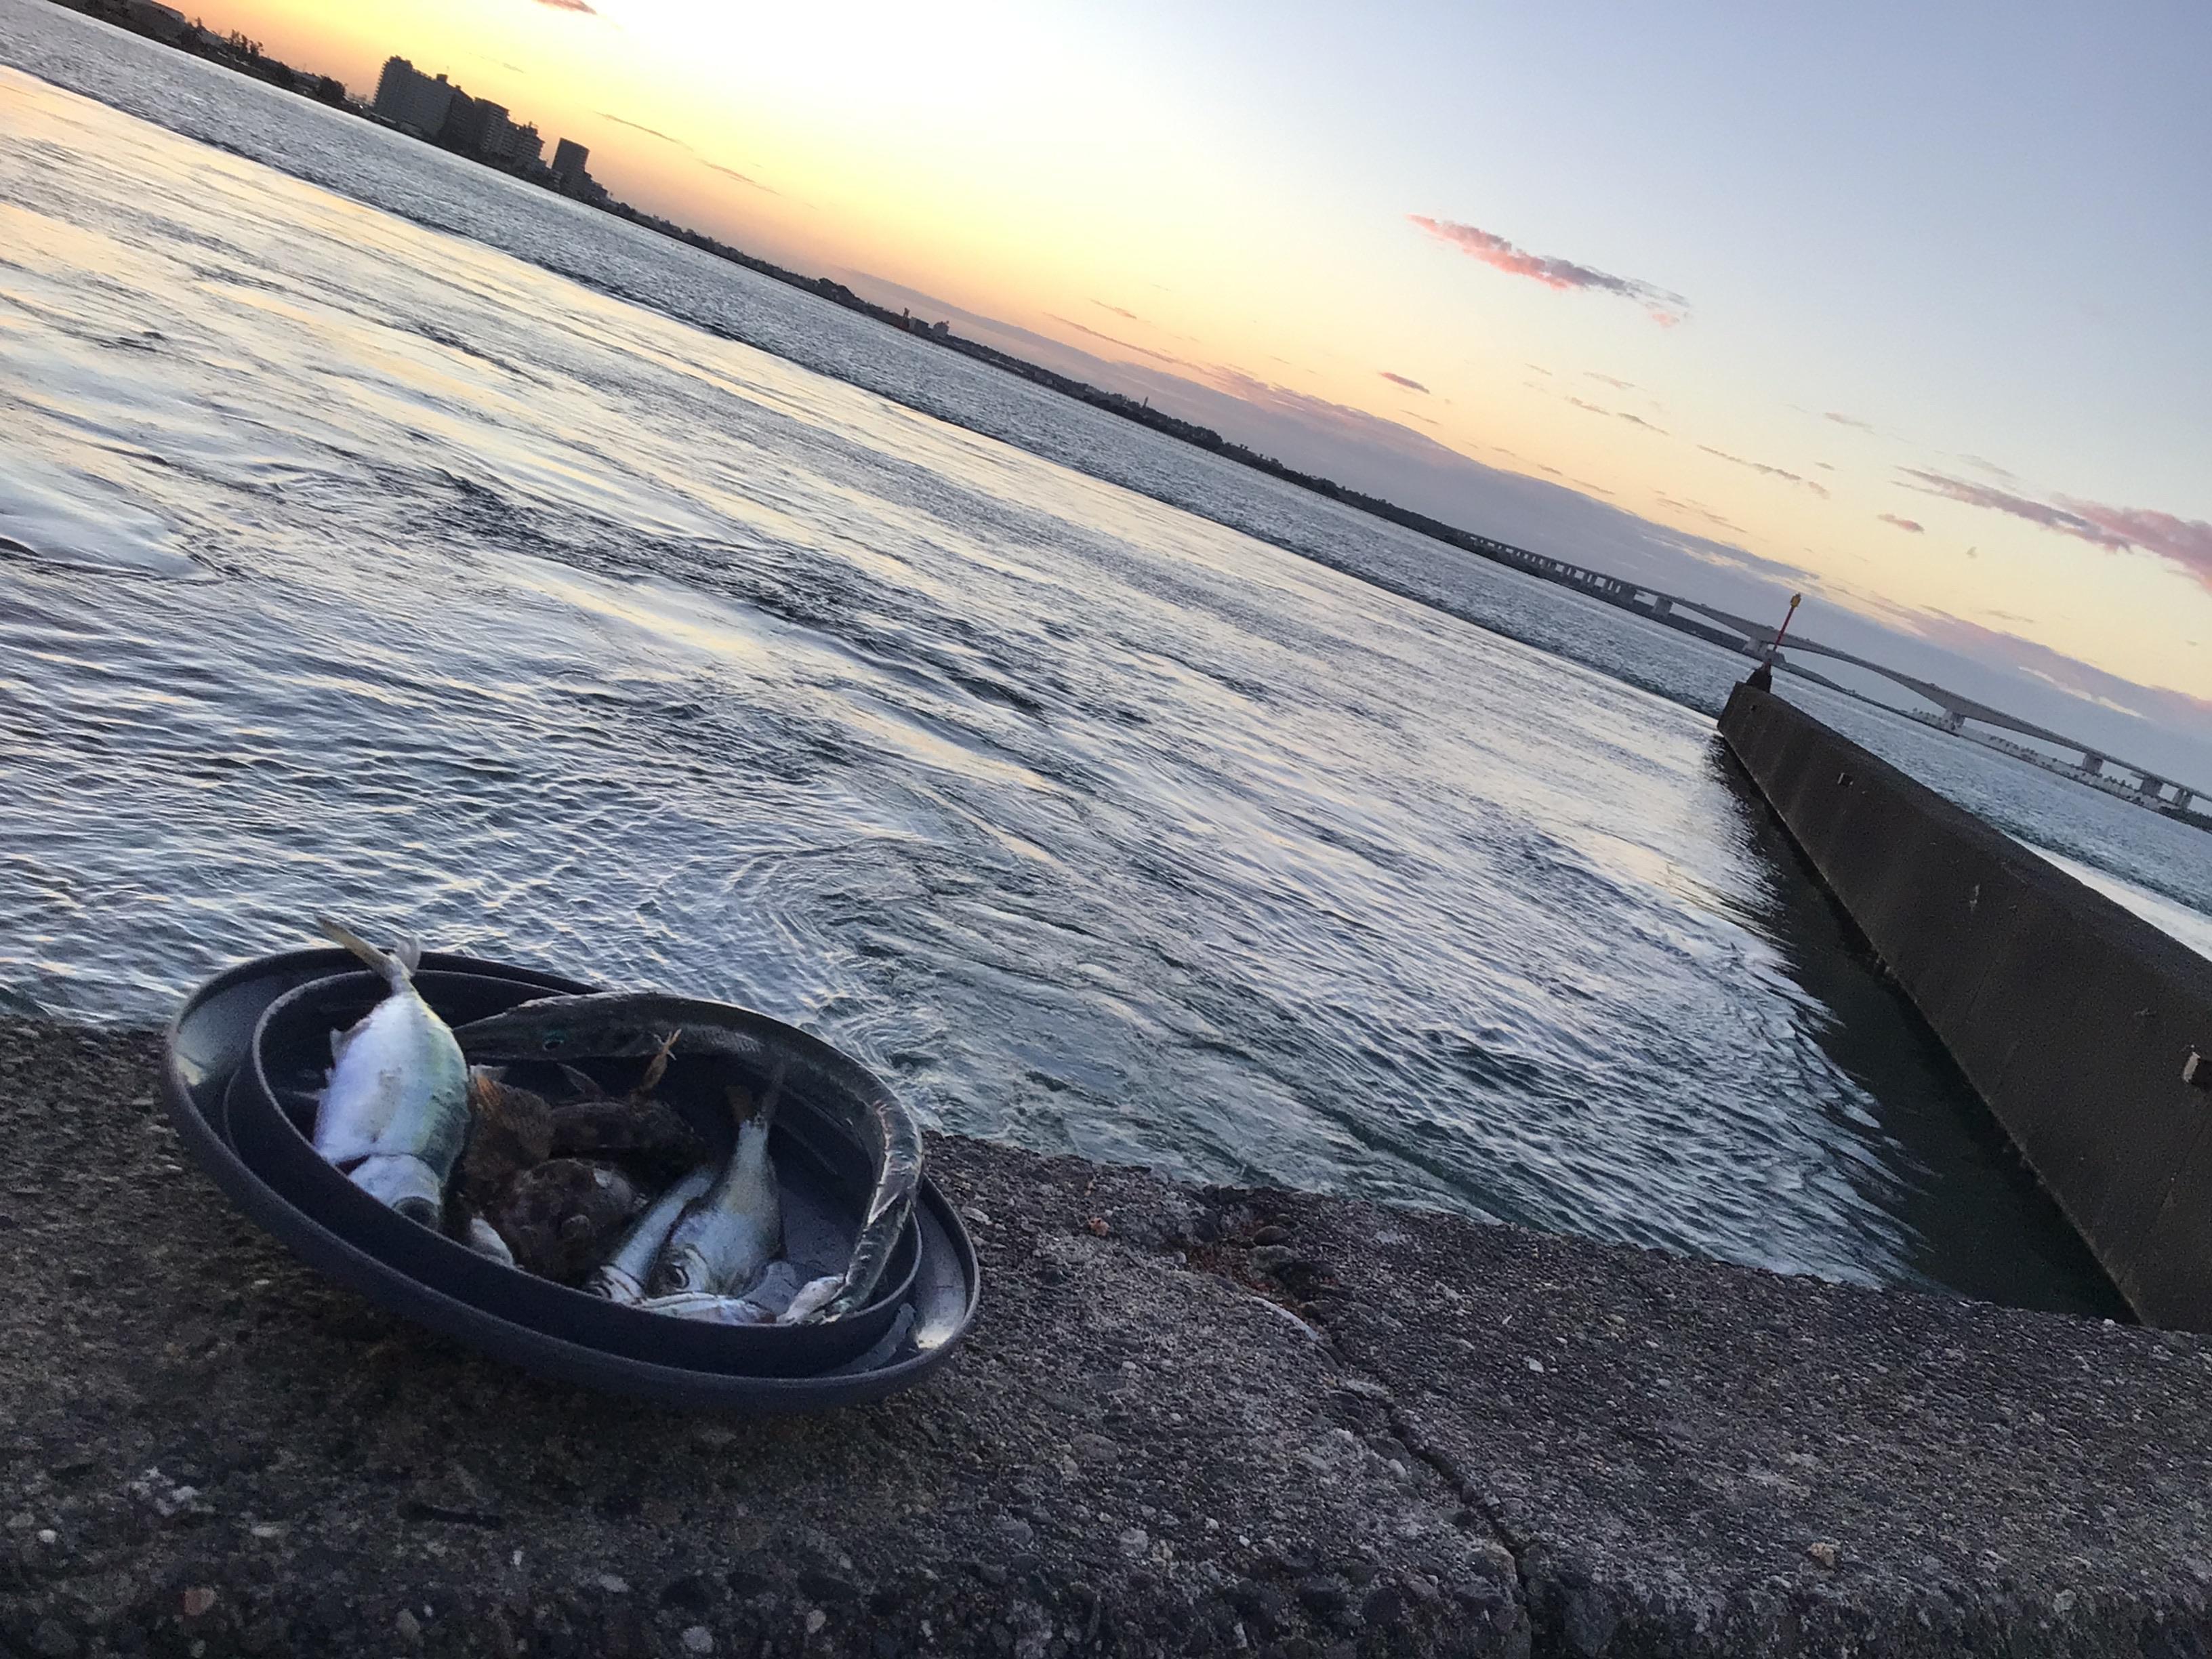 久々の砂揚げ場デス❗️、、、朝日まぶし〜